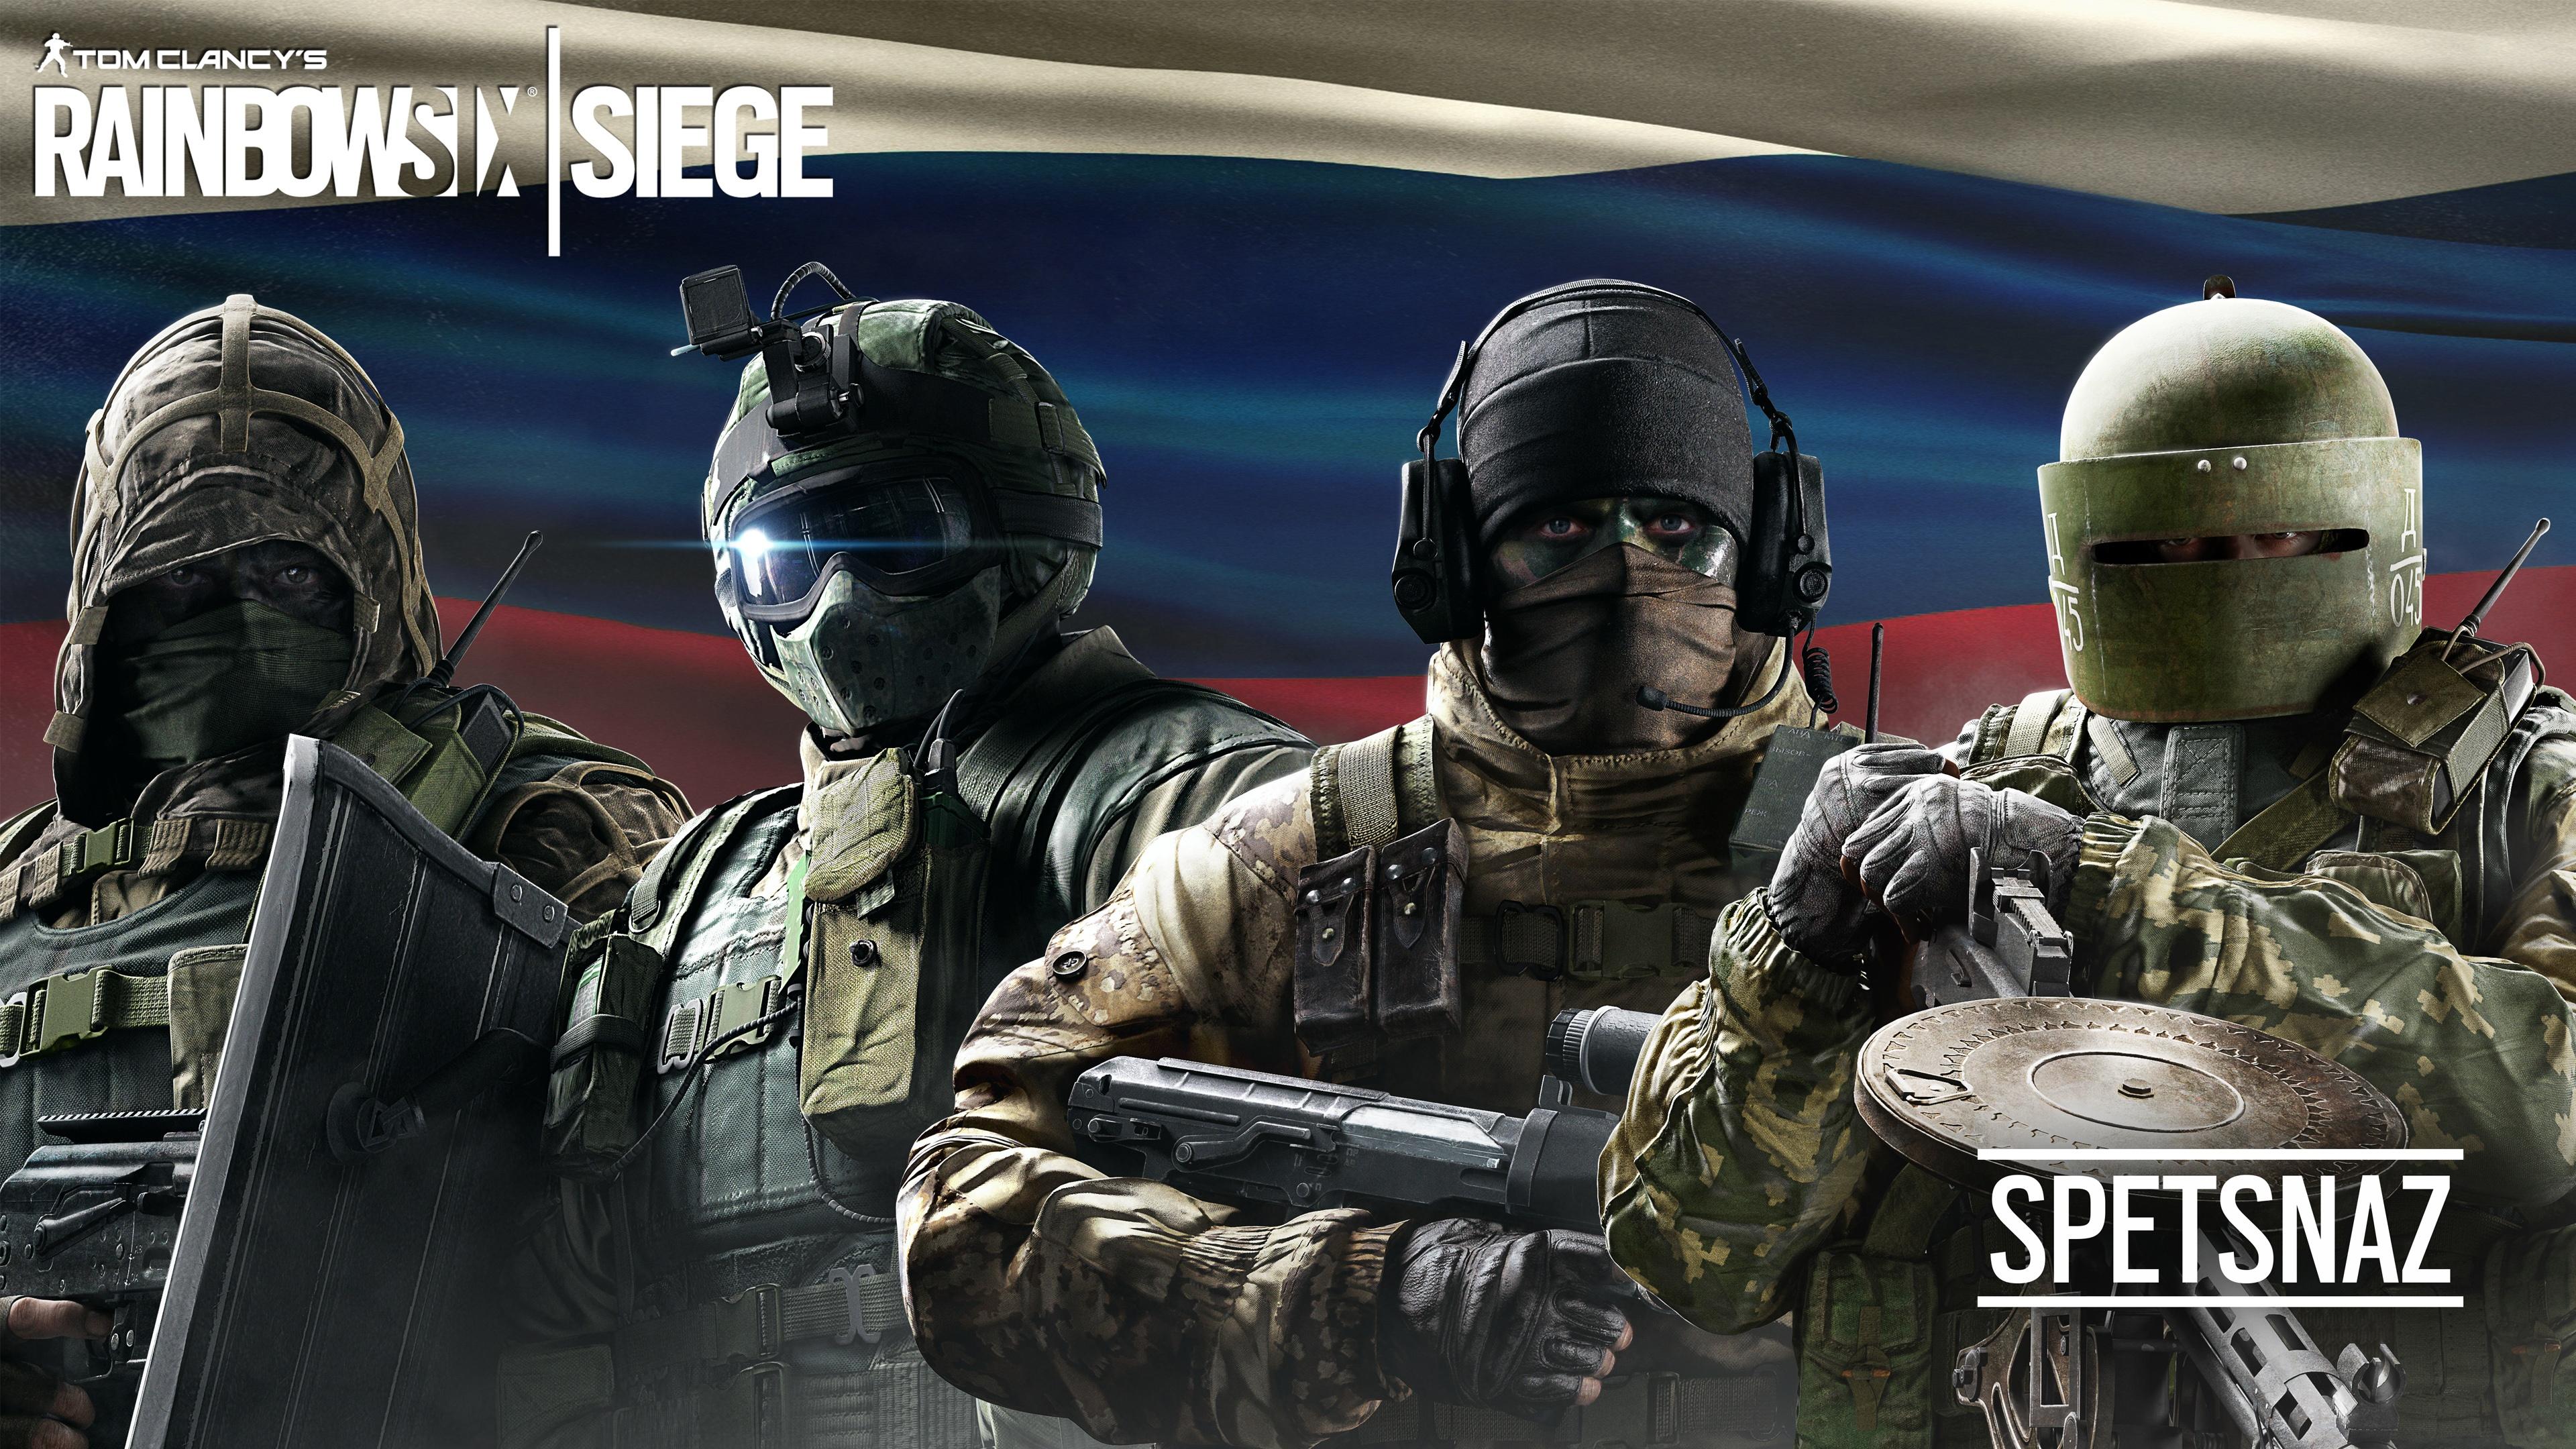 Tom Clancys Rainbow Six Siege Spetsnaz Wallpapers